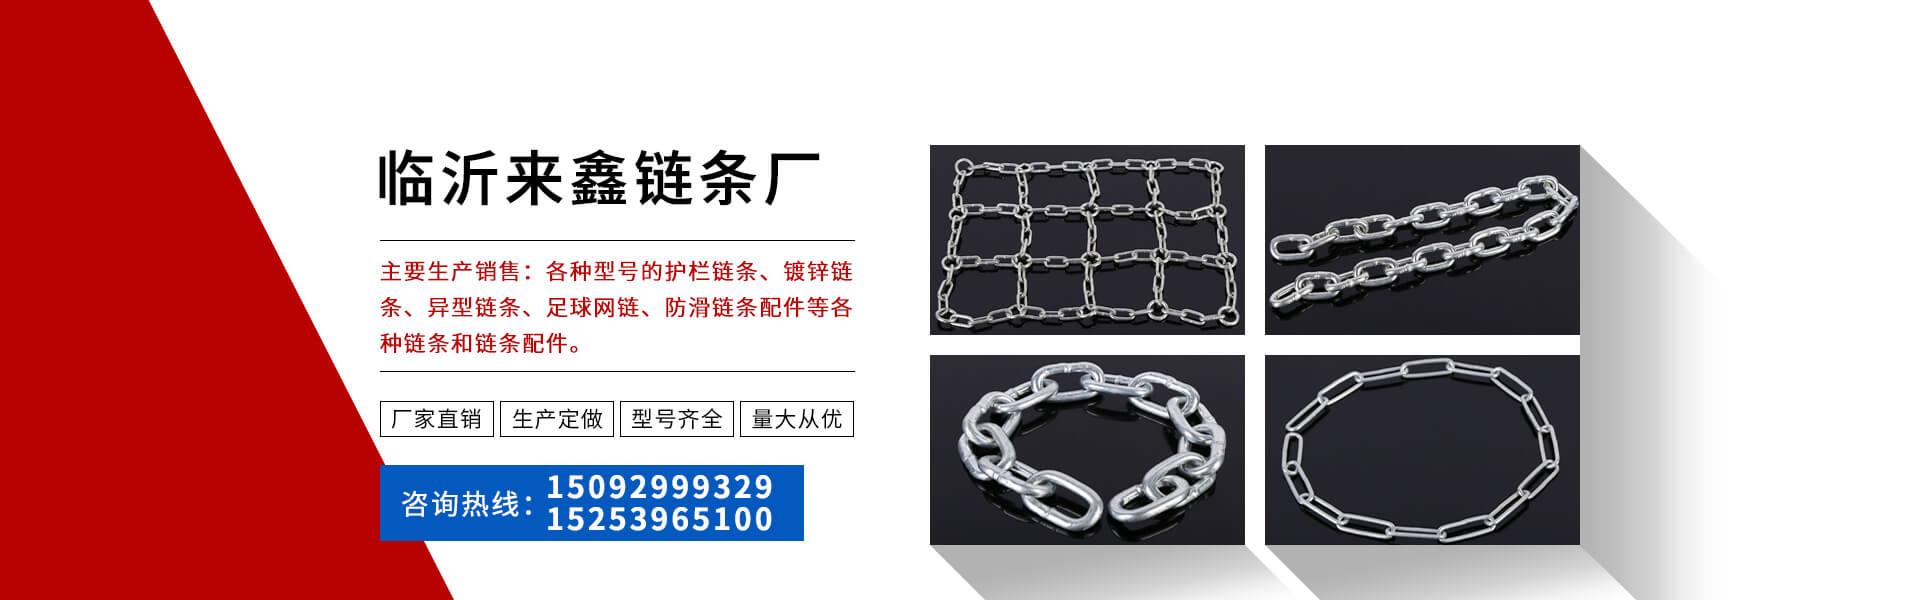 护栏链条,镀锌链条,异型链条,防滑链条配件